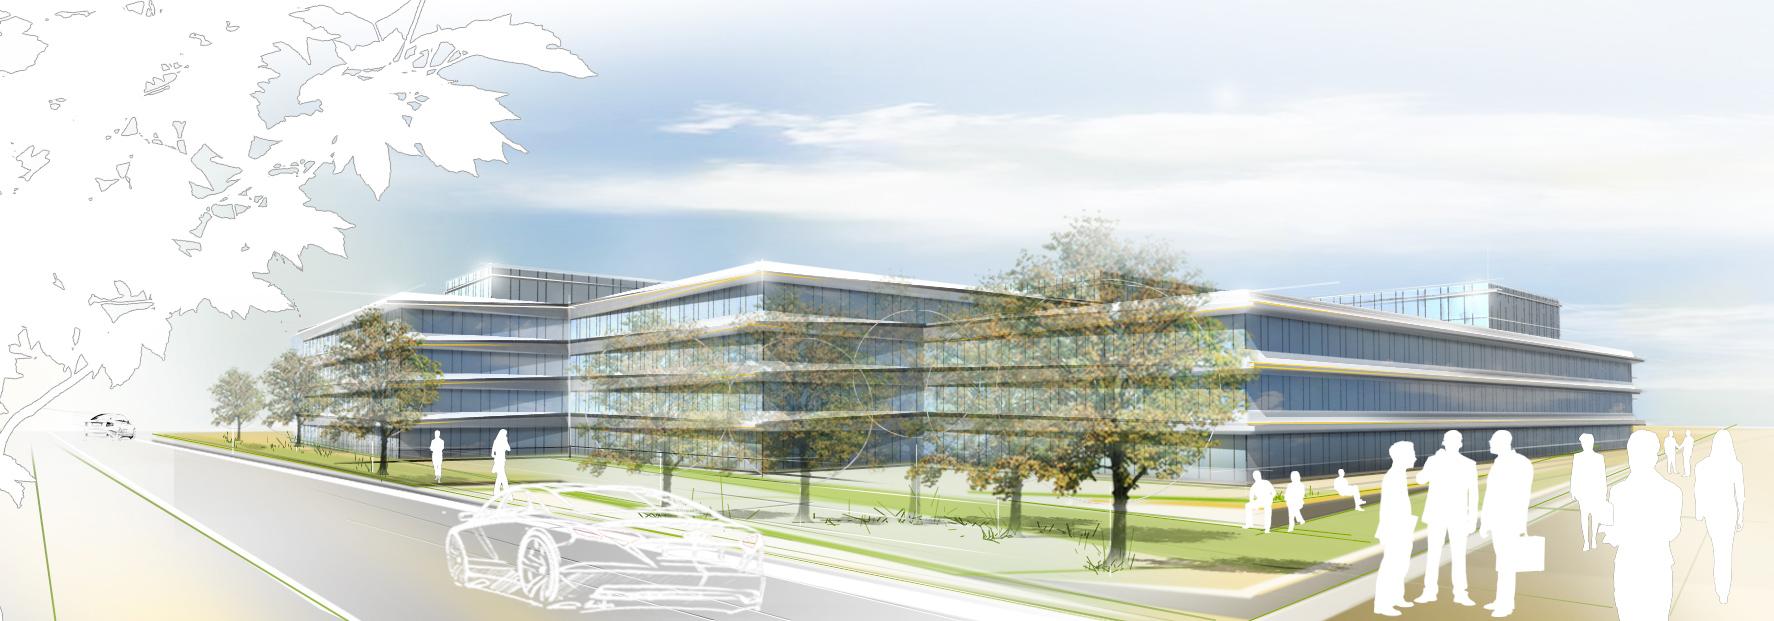 Architekten Ingolstadt behnisch architekten office building h6 h7 audi ingolstadt